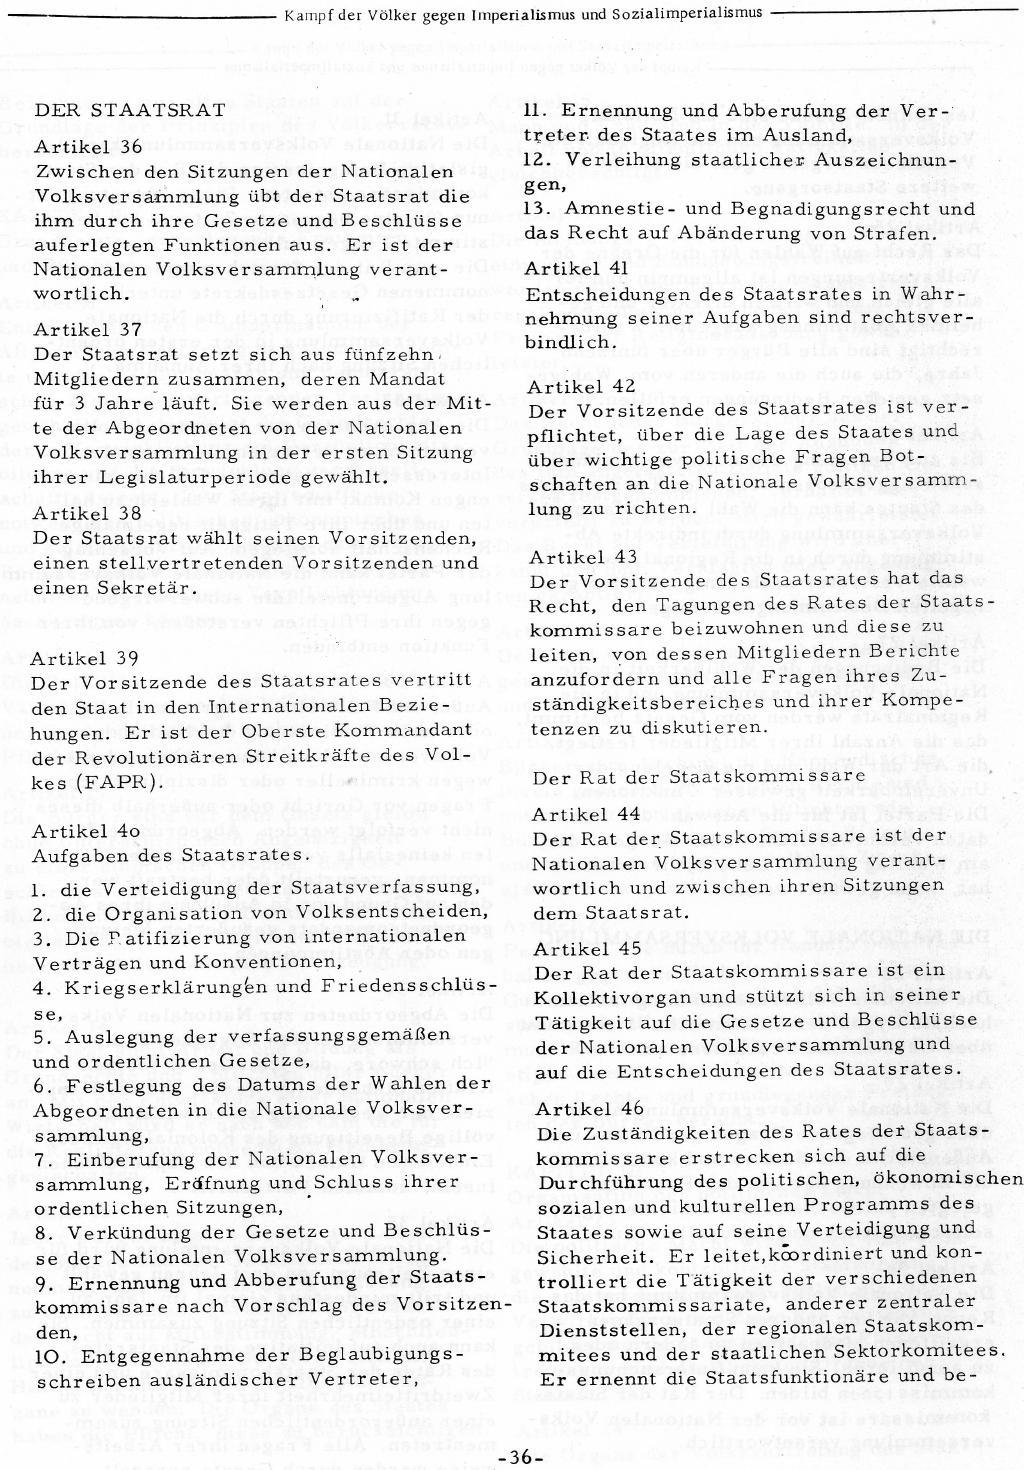 RPK_1973_041_042_043_36